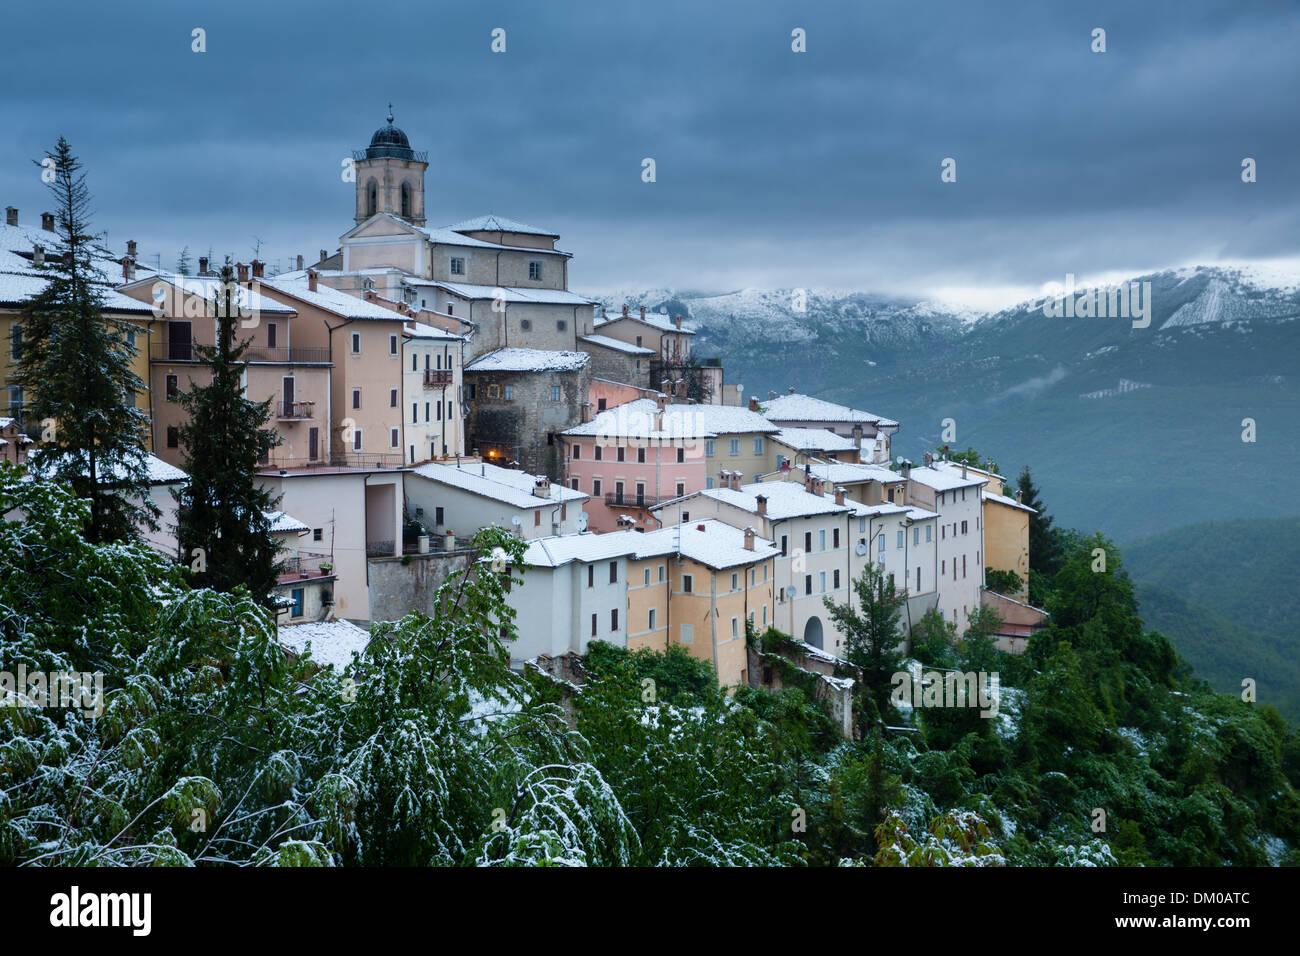 Palazzetto gentilizio Abeto nella neve verso la fine di maggio, Valnerina, Umbria, Italia Immagini Stock